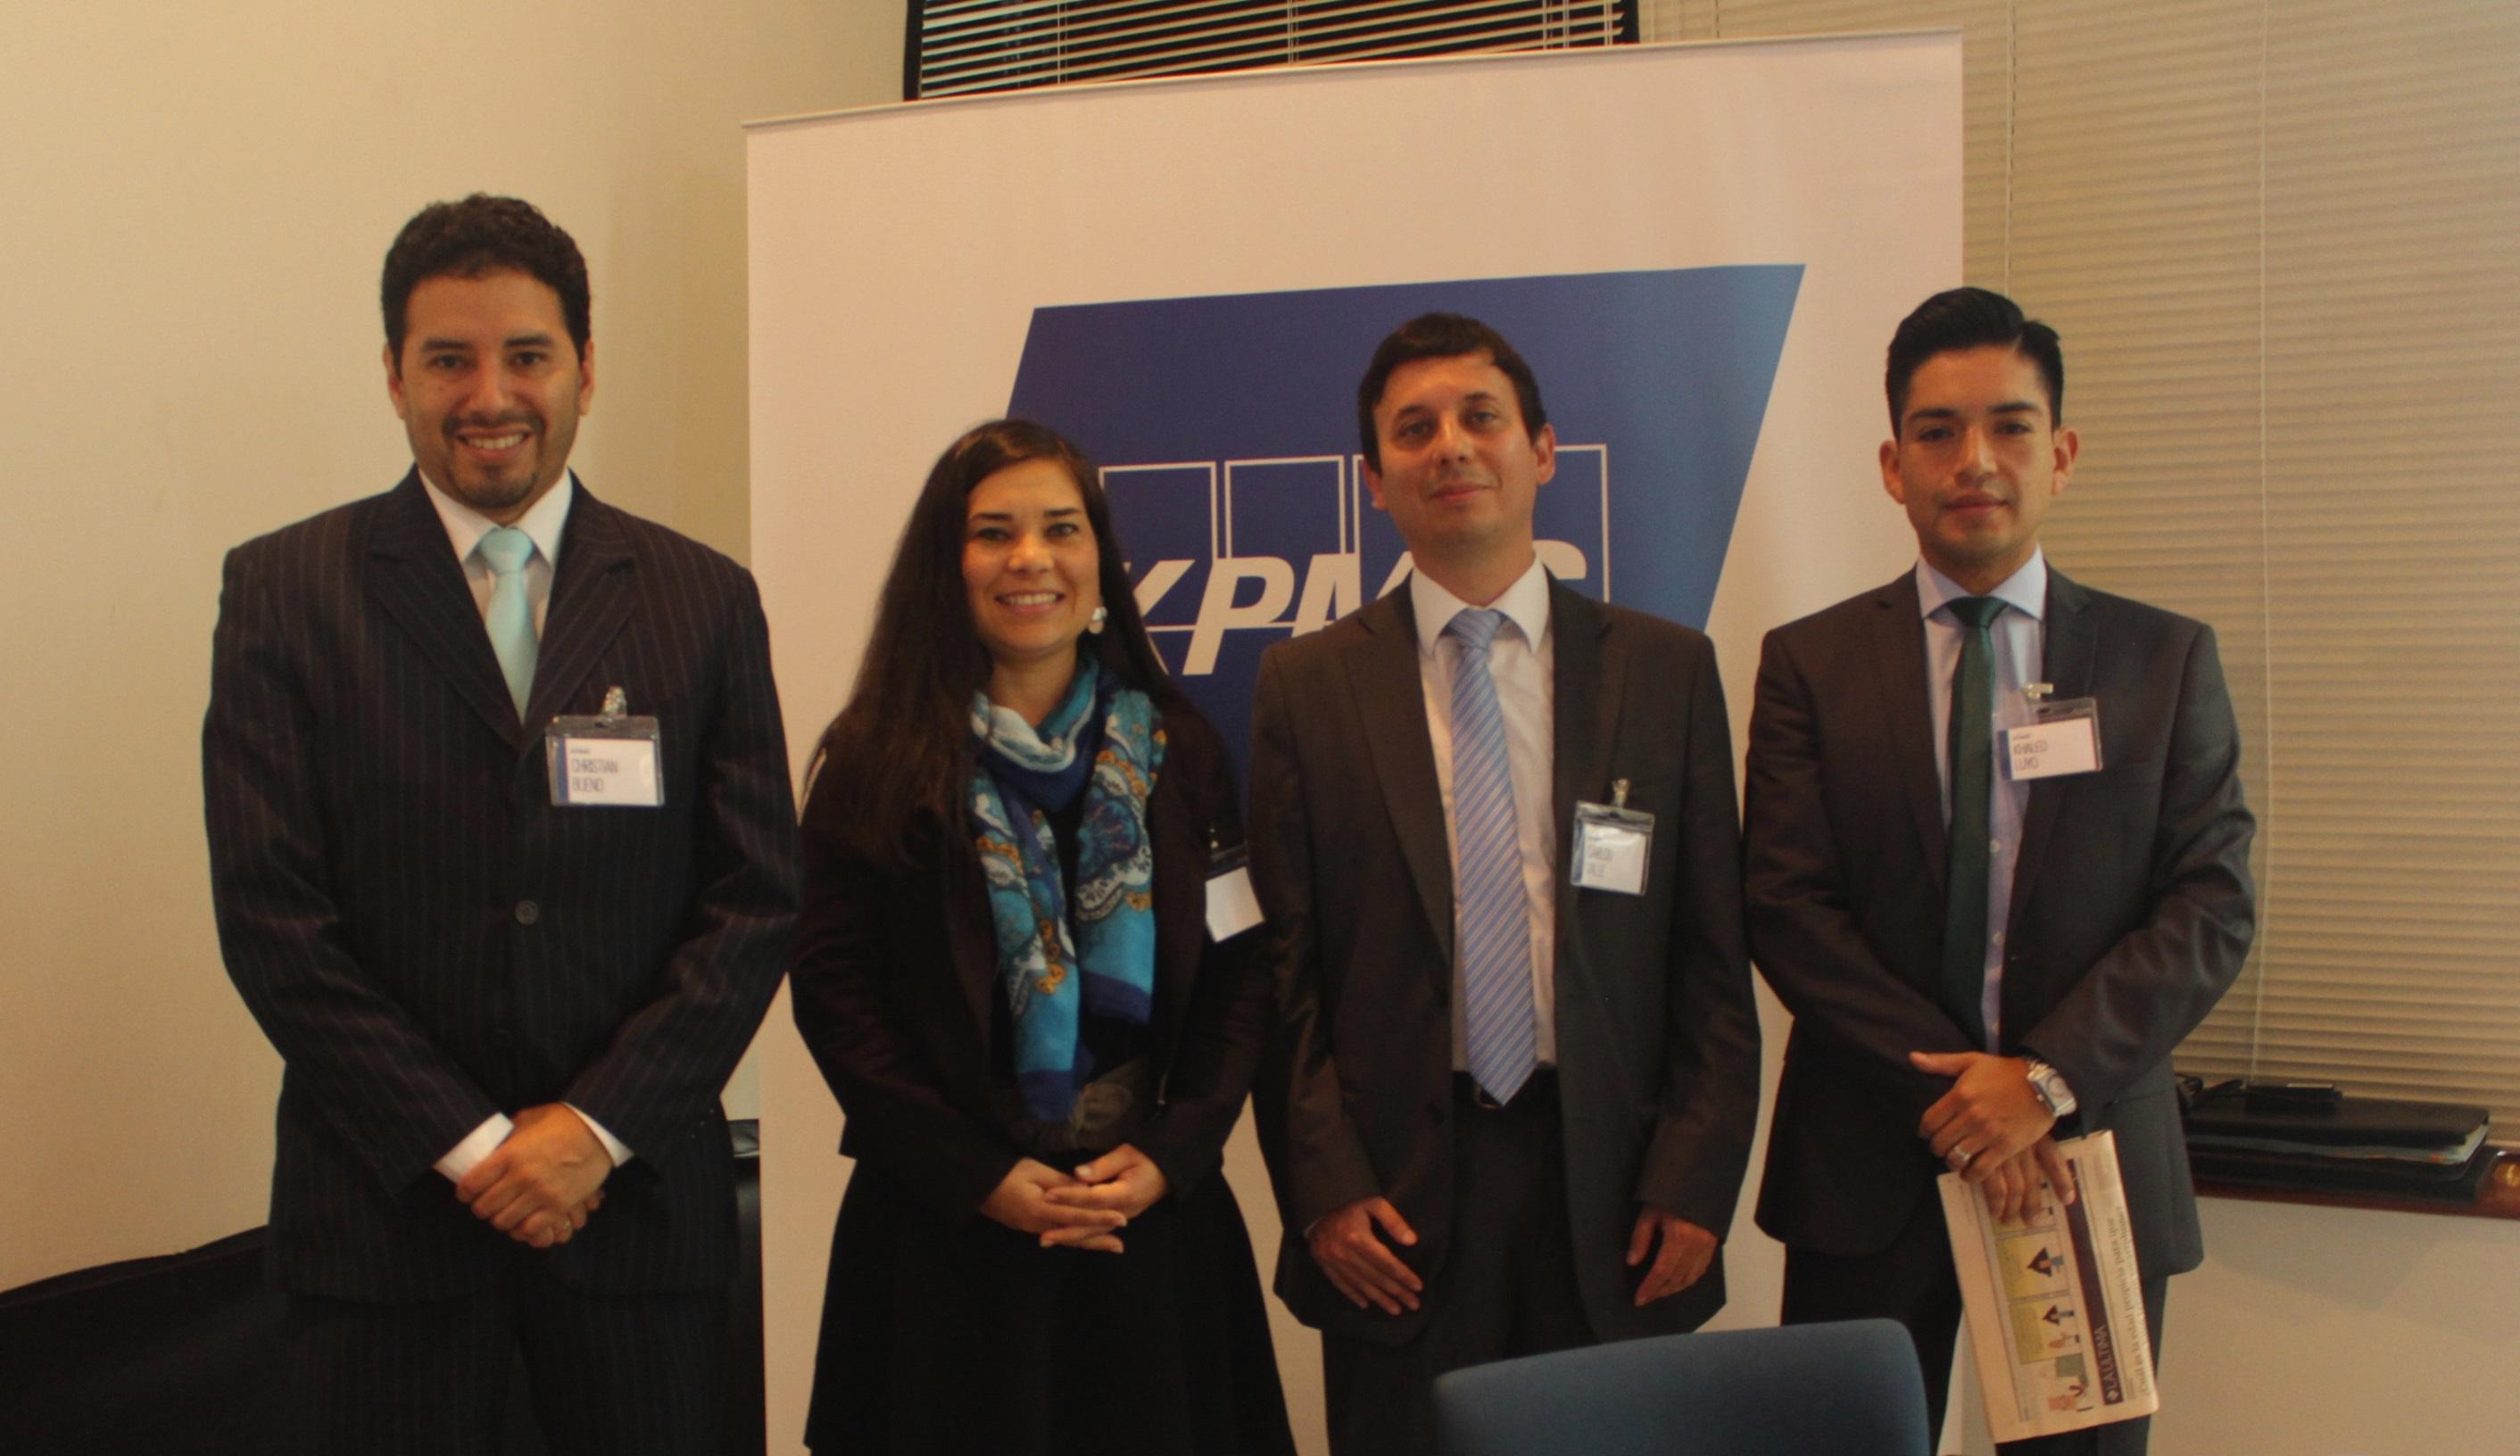 De izquierda a derecha (Christian Bueno, Ana Vidal, Carlos Valle y Khaled Luyo ).